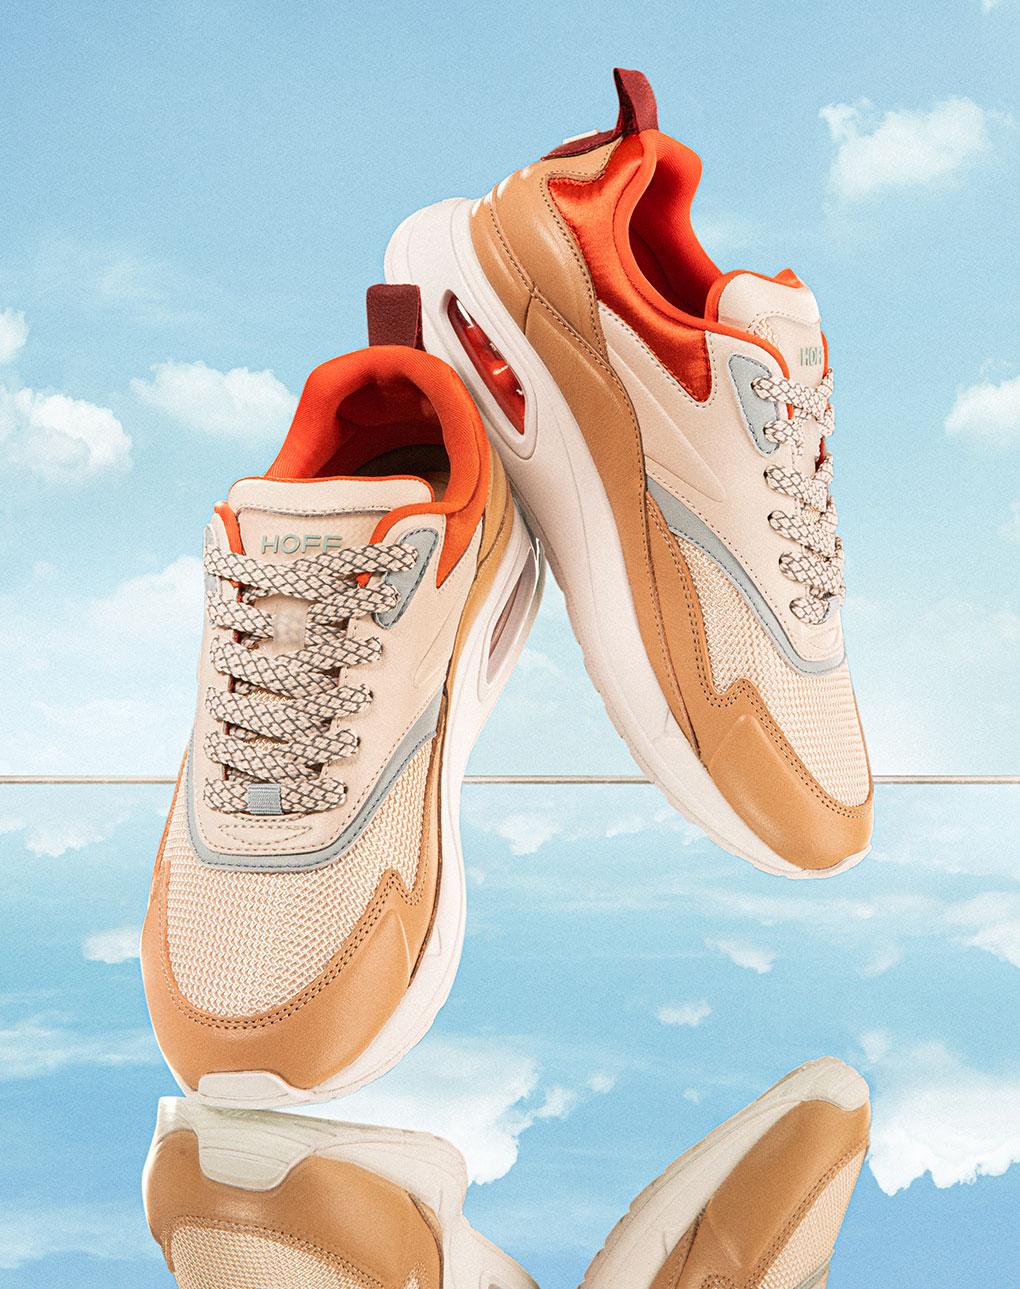 Shoe Photos